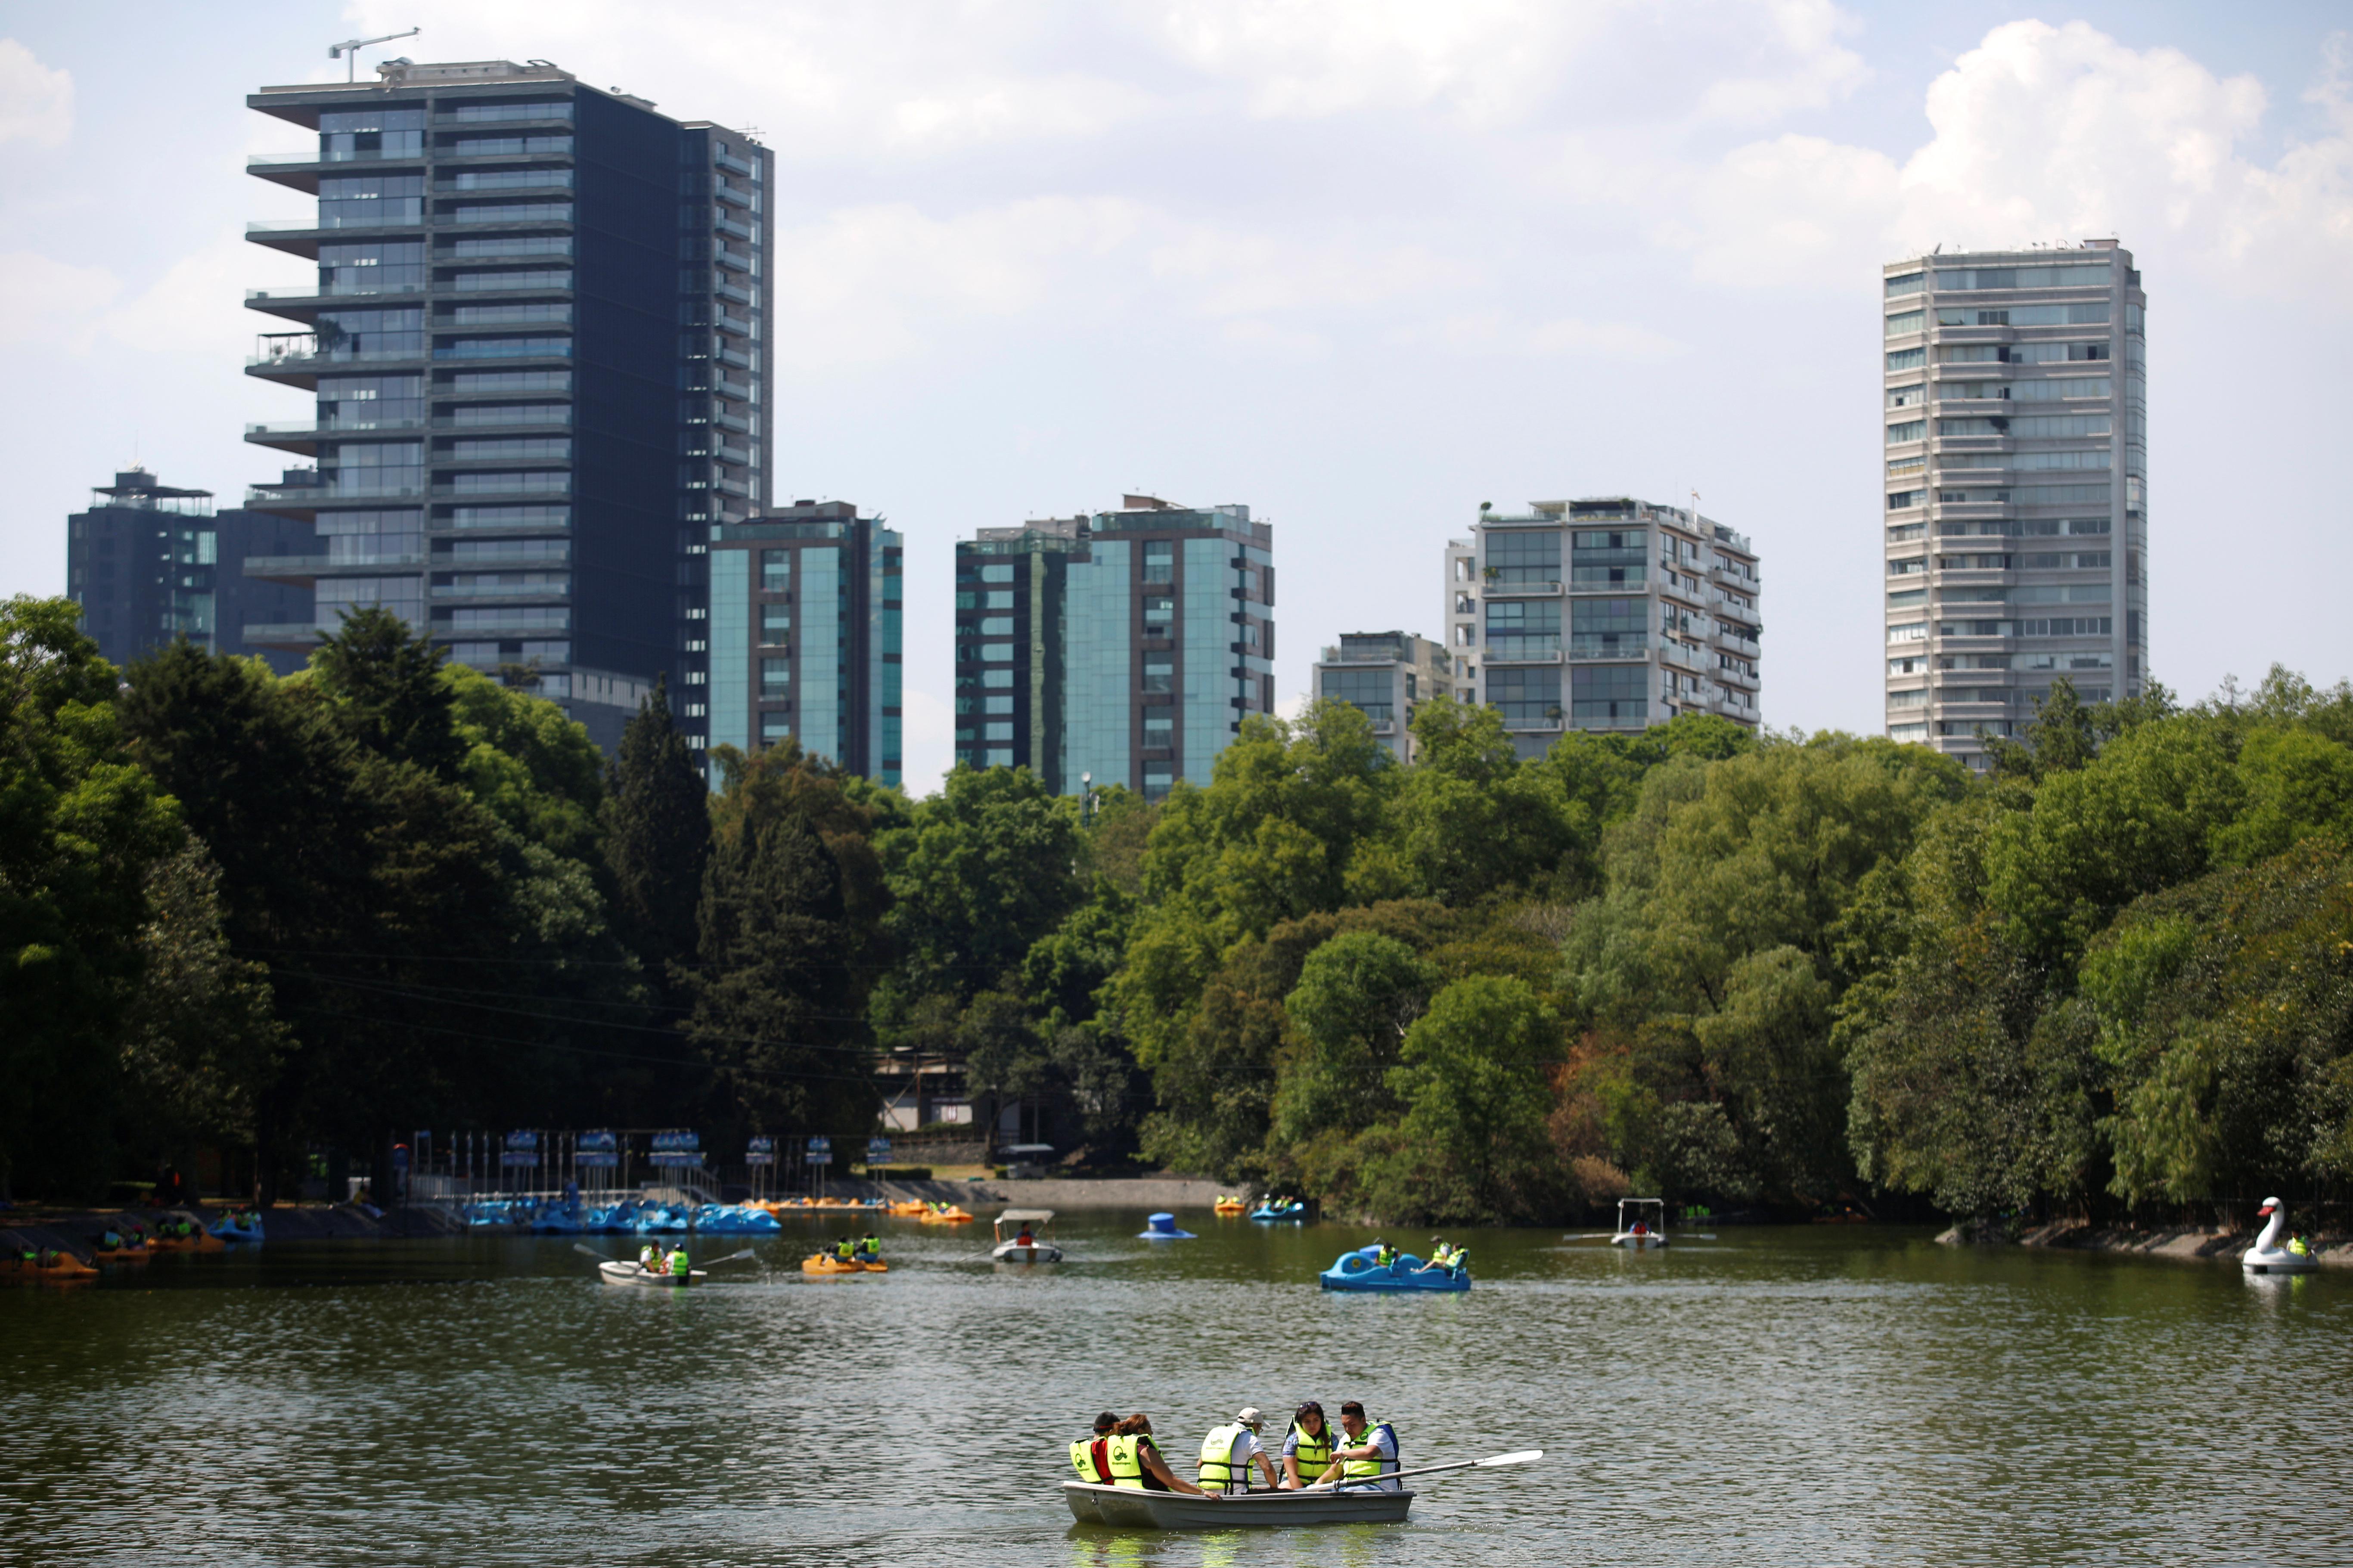 La gente rema en botes en el parque Chapultepec mientras continúa el brote de la enfermedad por coronavirus (COVID-19), en la Ciudad de México, México, 22 de marzo de 2020.